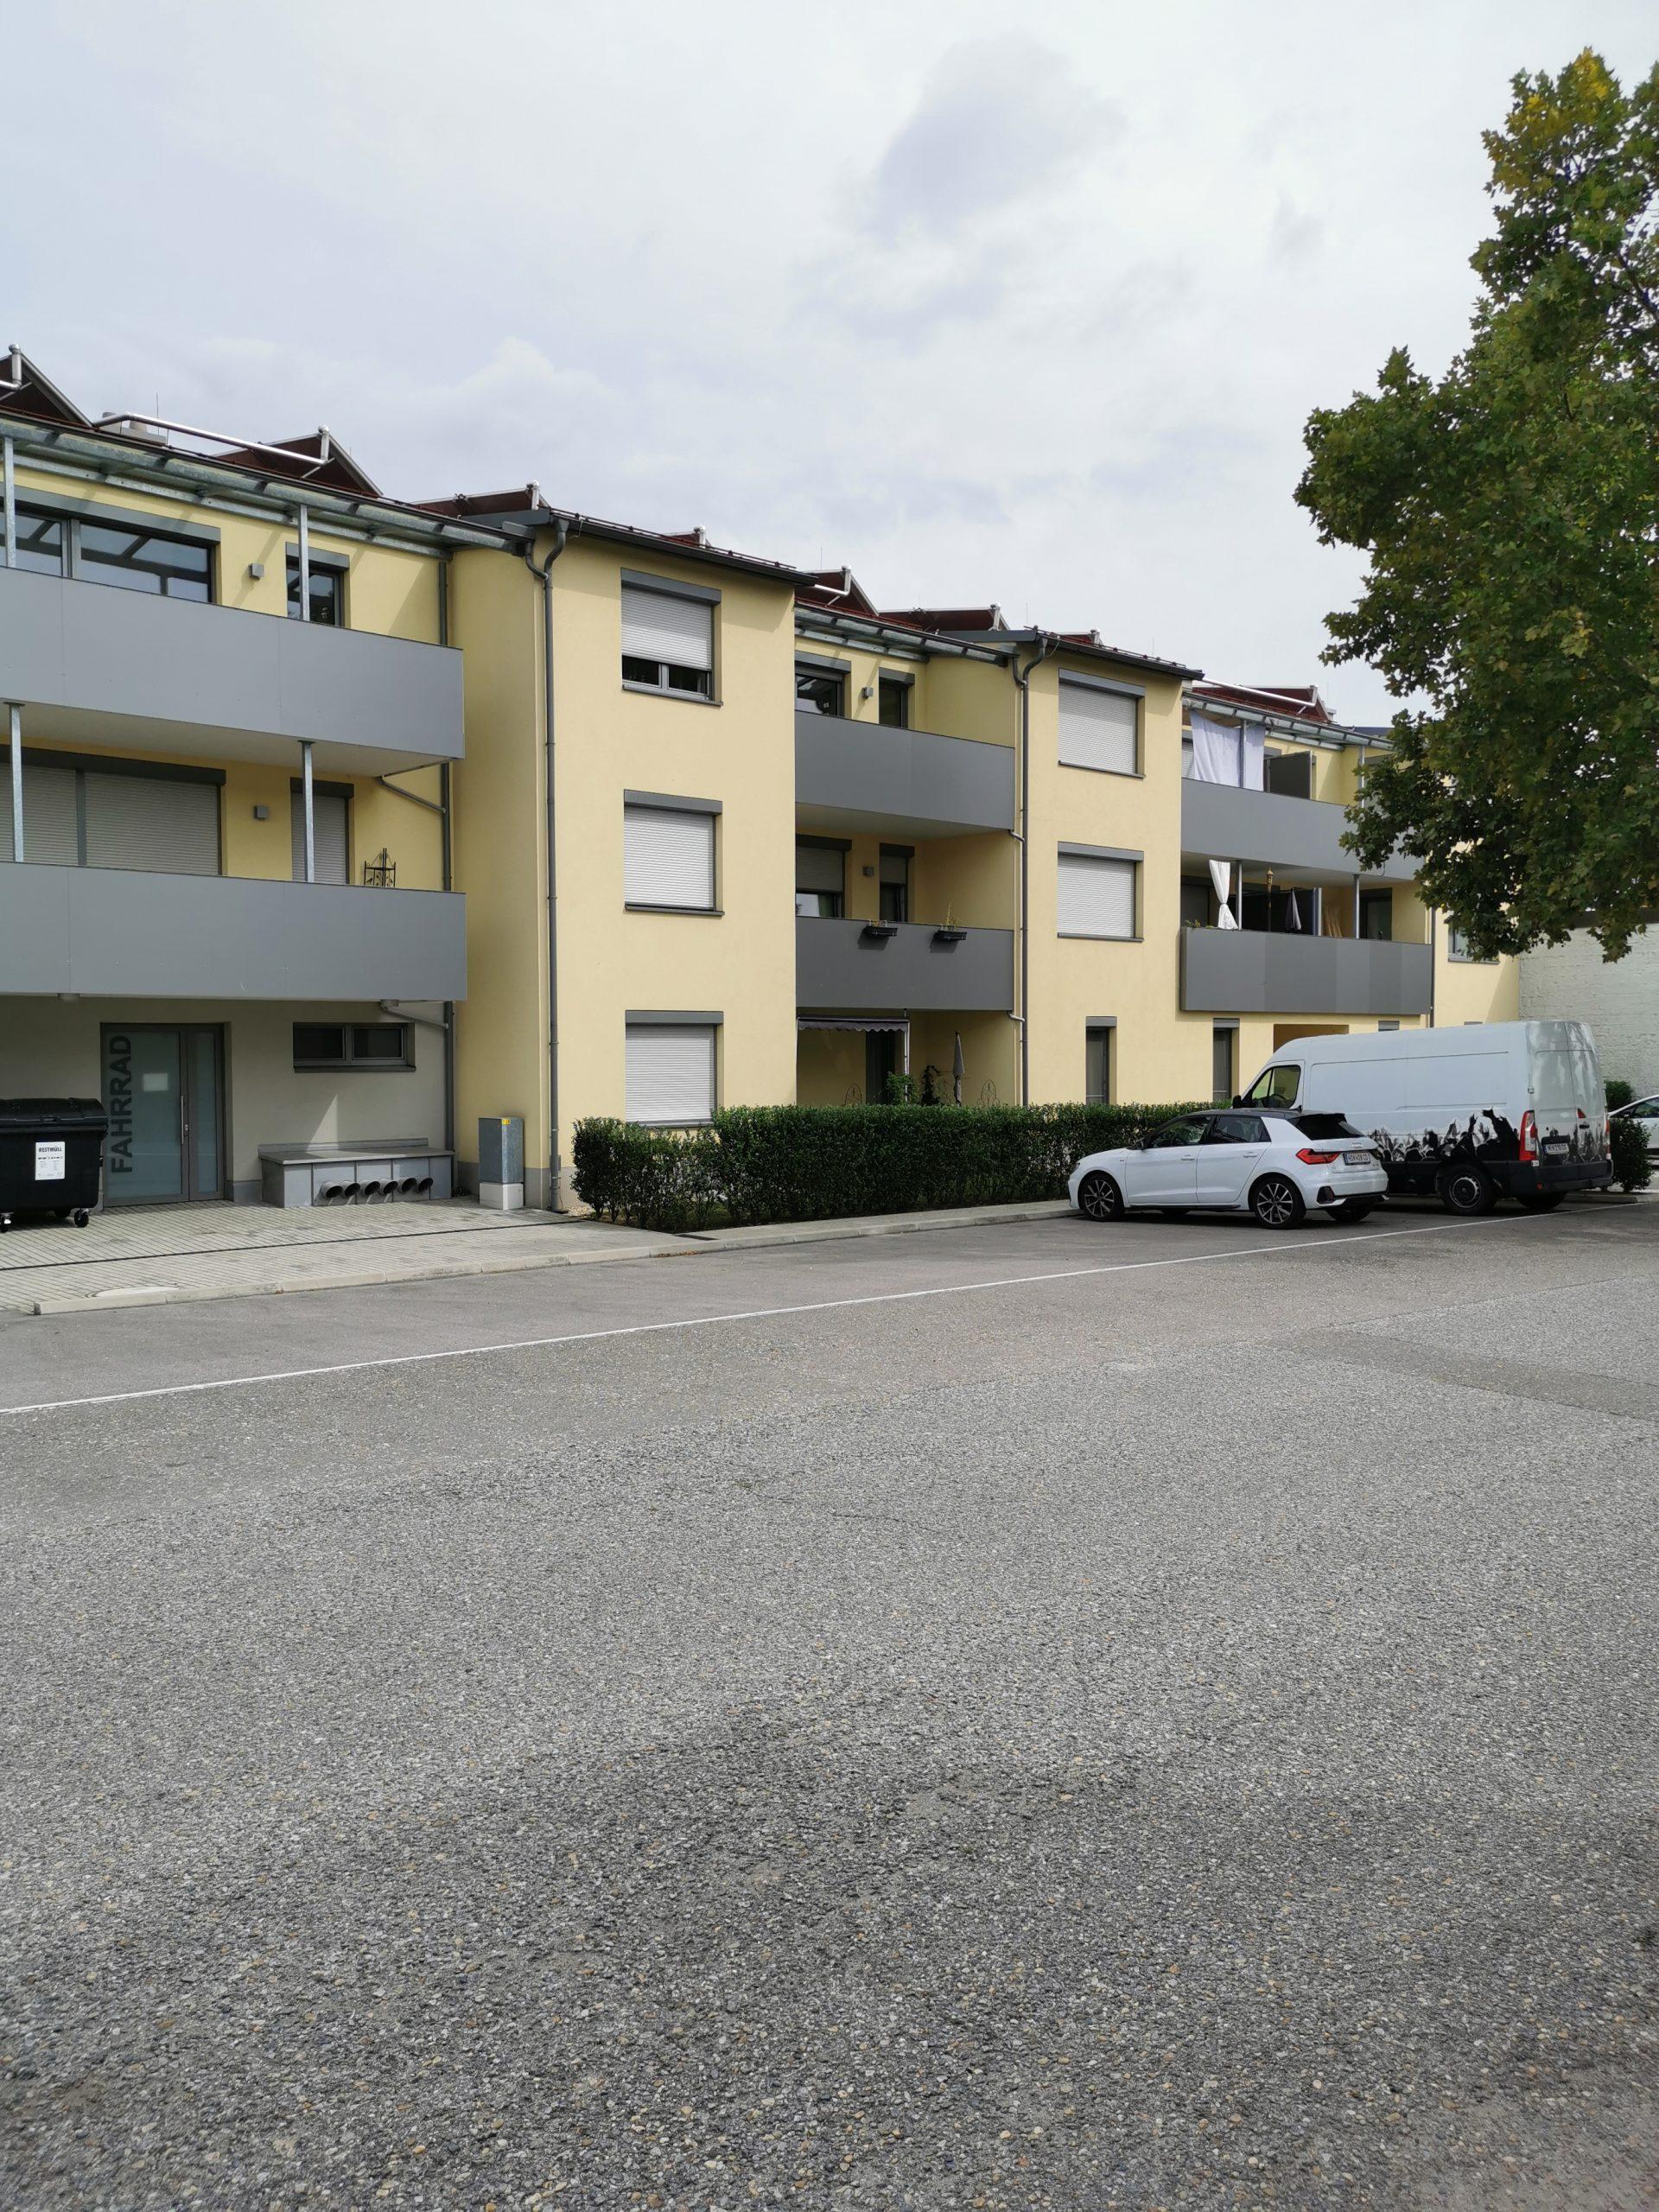 Immobilie von Kamptal in 2193 Wilfersdorf, Mistelbach, Wilfersdorf II - Top 204 #6